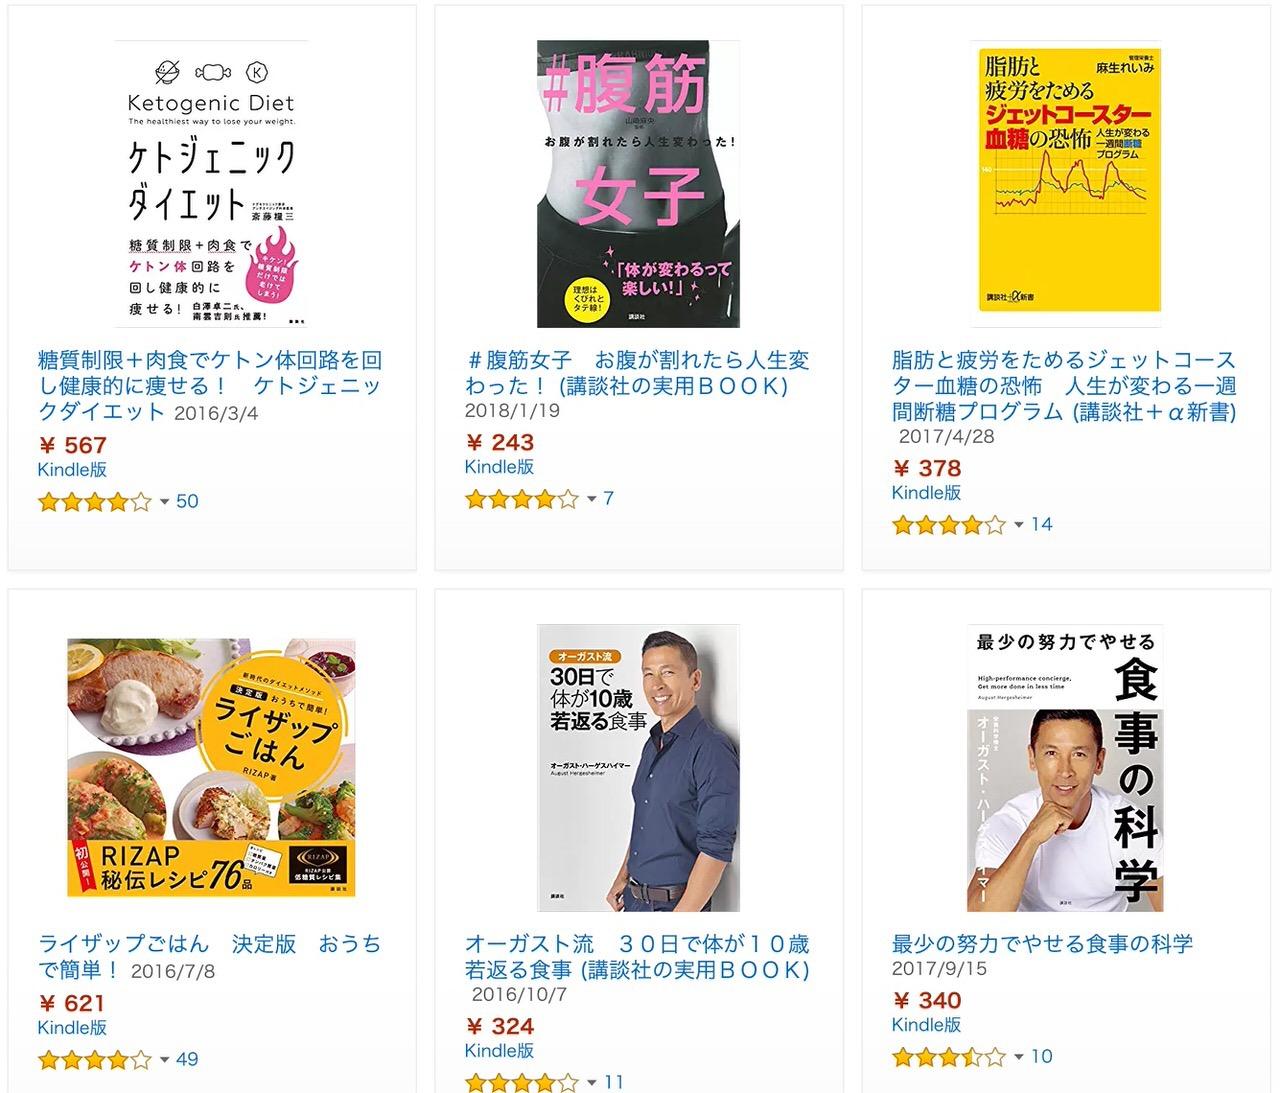 【Kindleセール】最大70%OFF「冬☆電書2019」ダイエット本フェア(1/24まで)